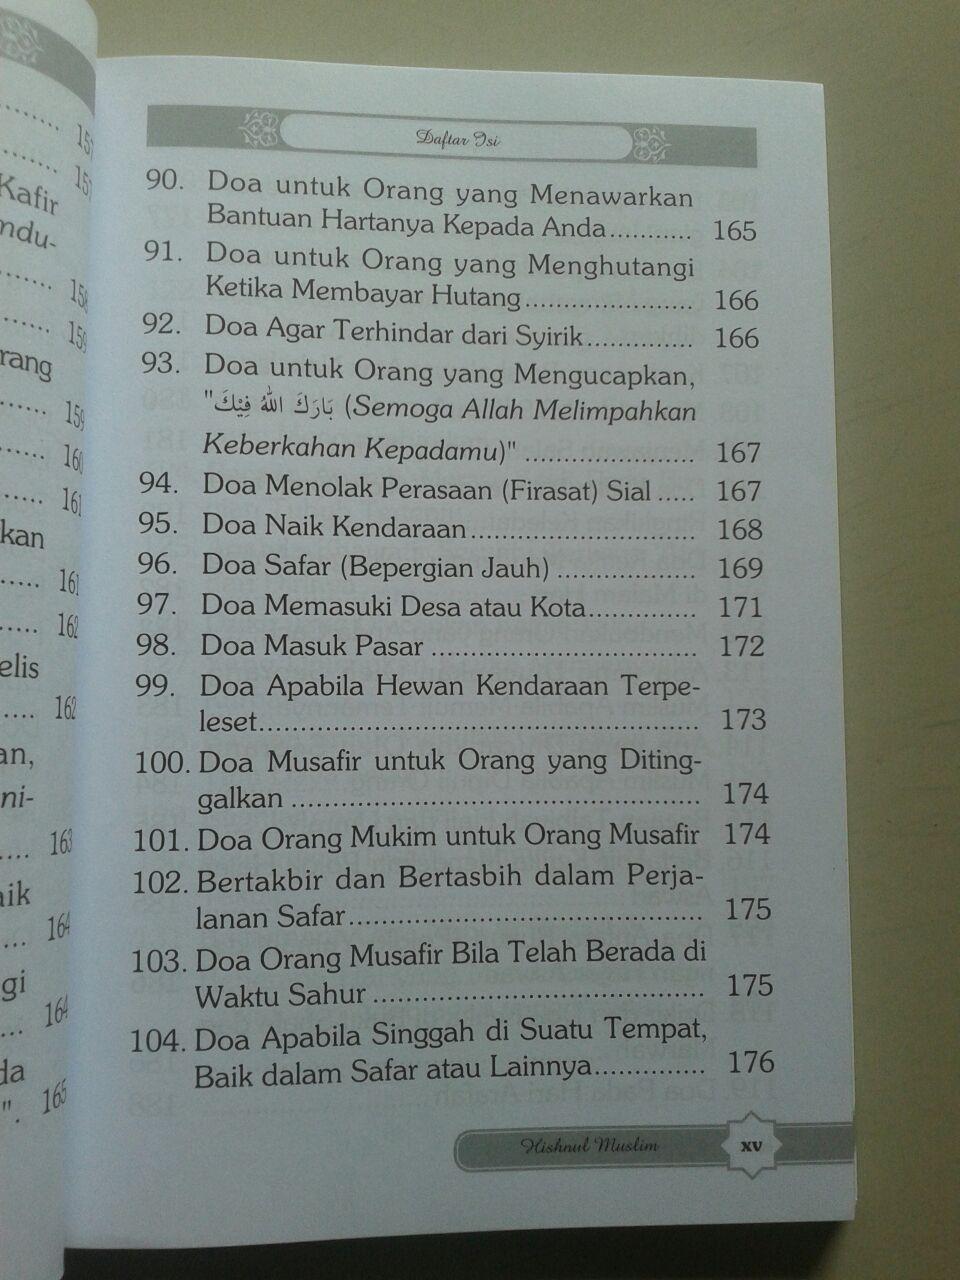 Buku Hisnul Muslim Kumpulan Doa & Dzikir Pilihan isi 2